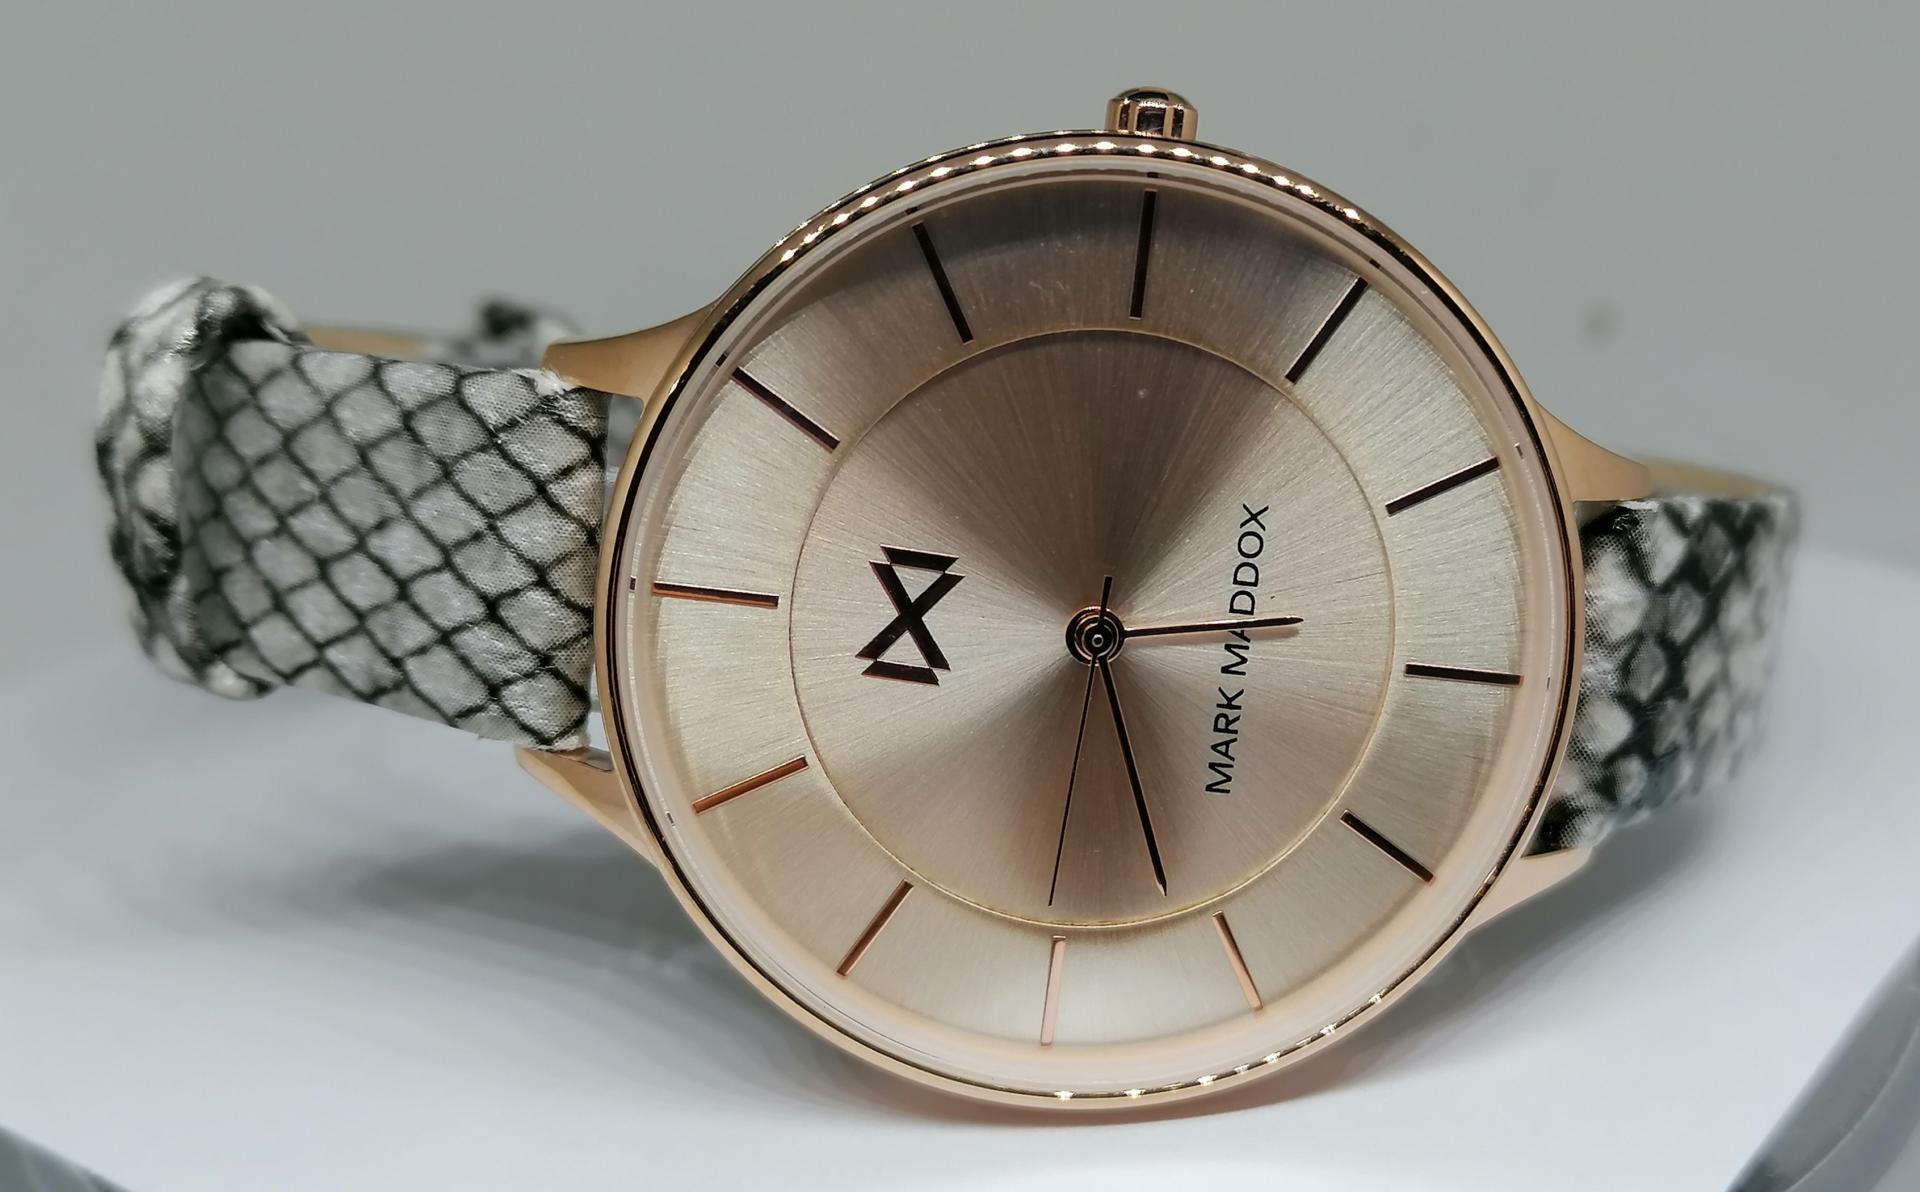 Reloj Mark Maddox Mujer Correa Piel Dibujo Serpiente MC7112-97